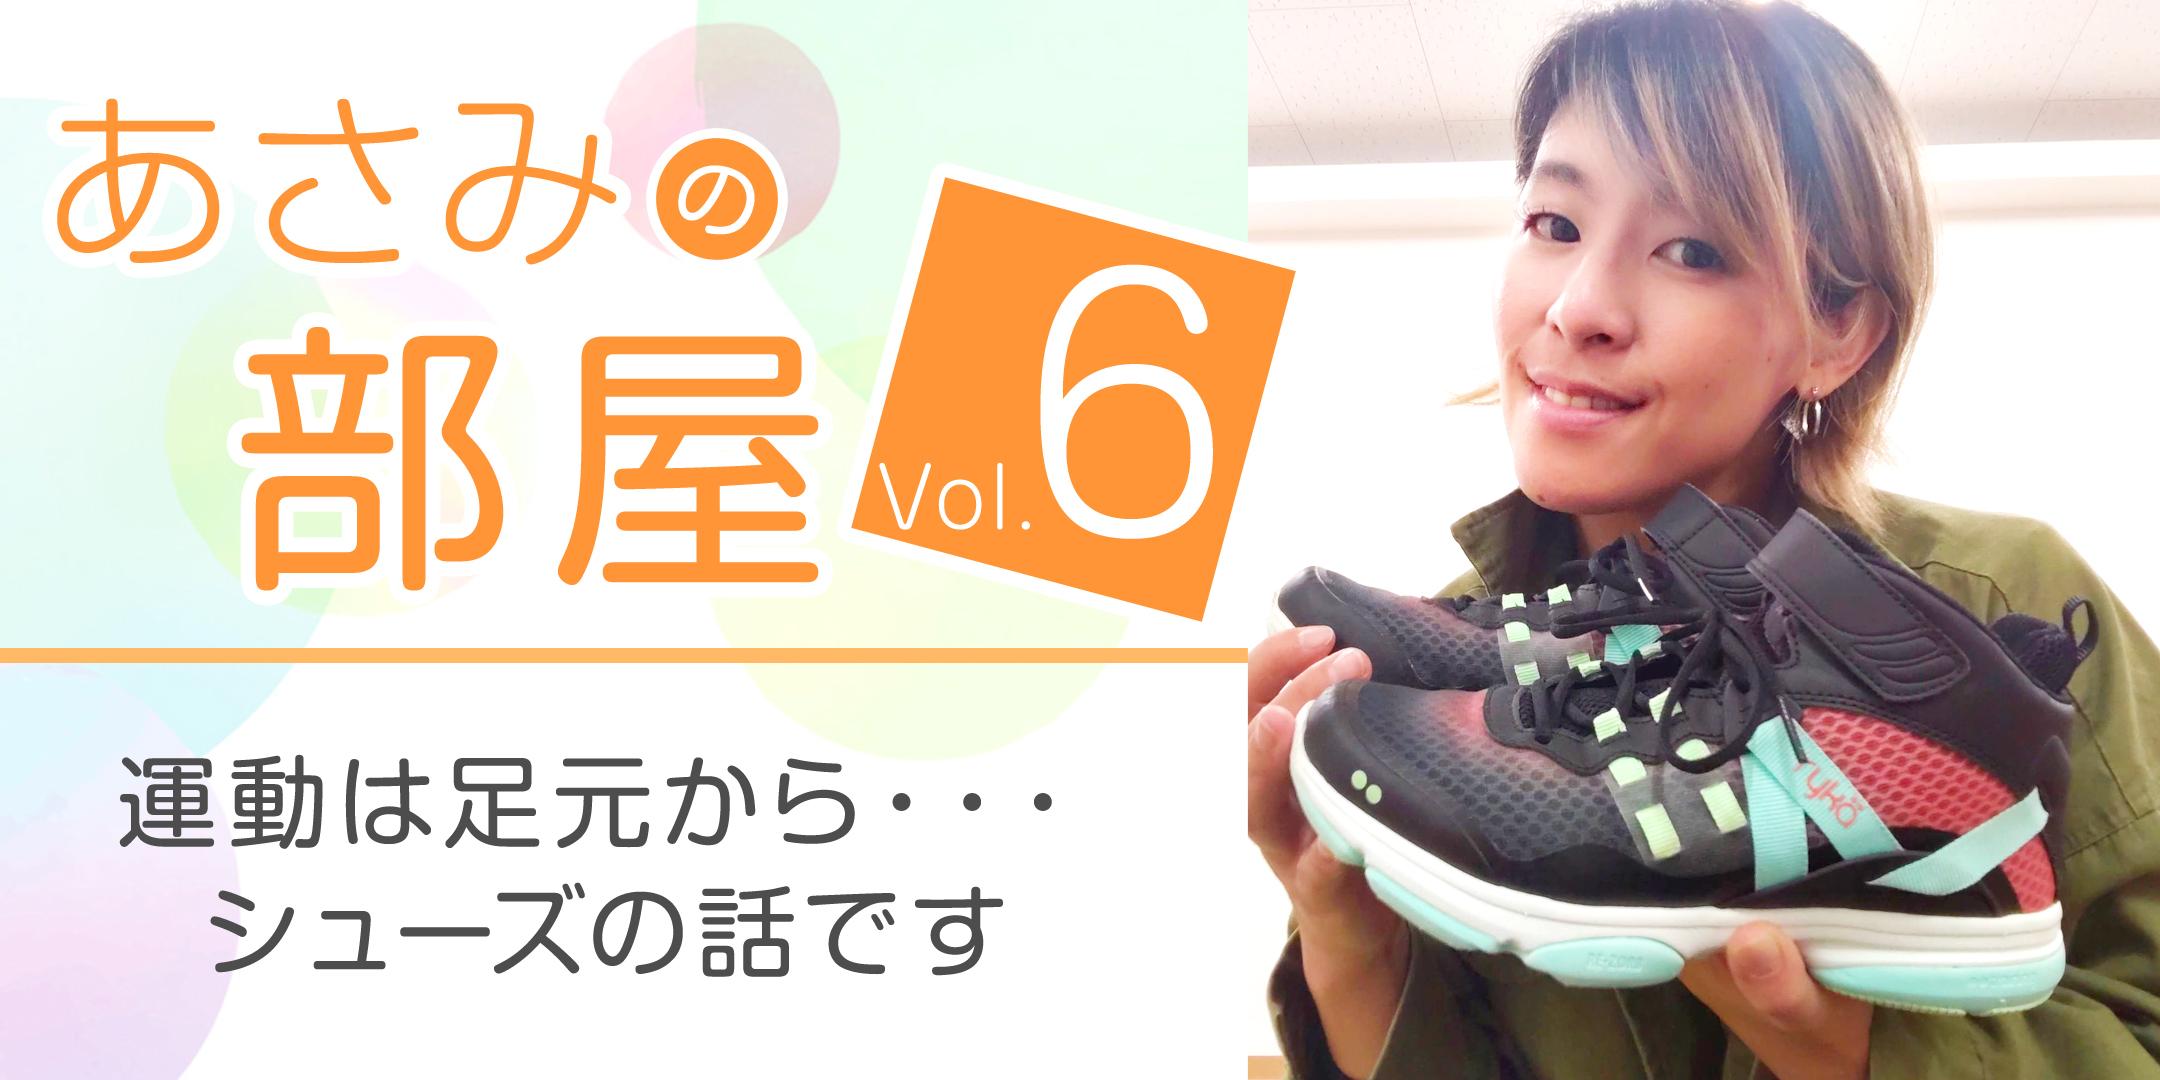 あさみの部屋Vol.6